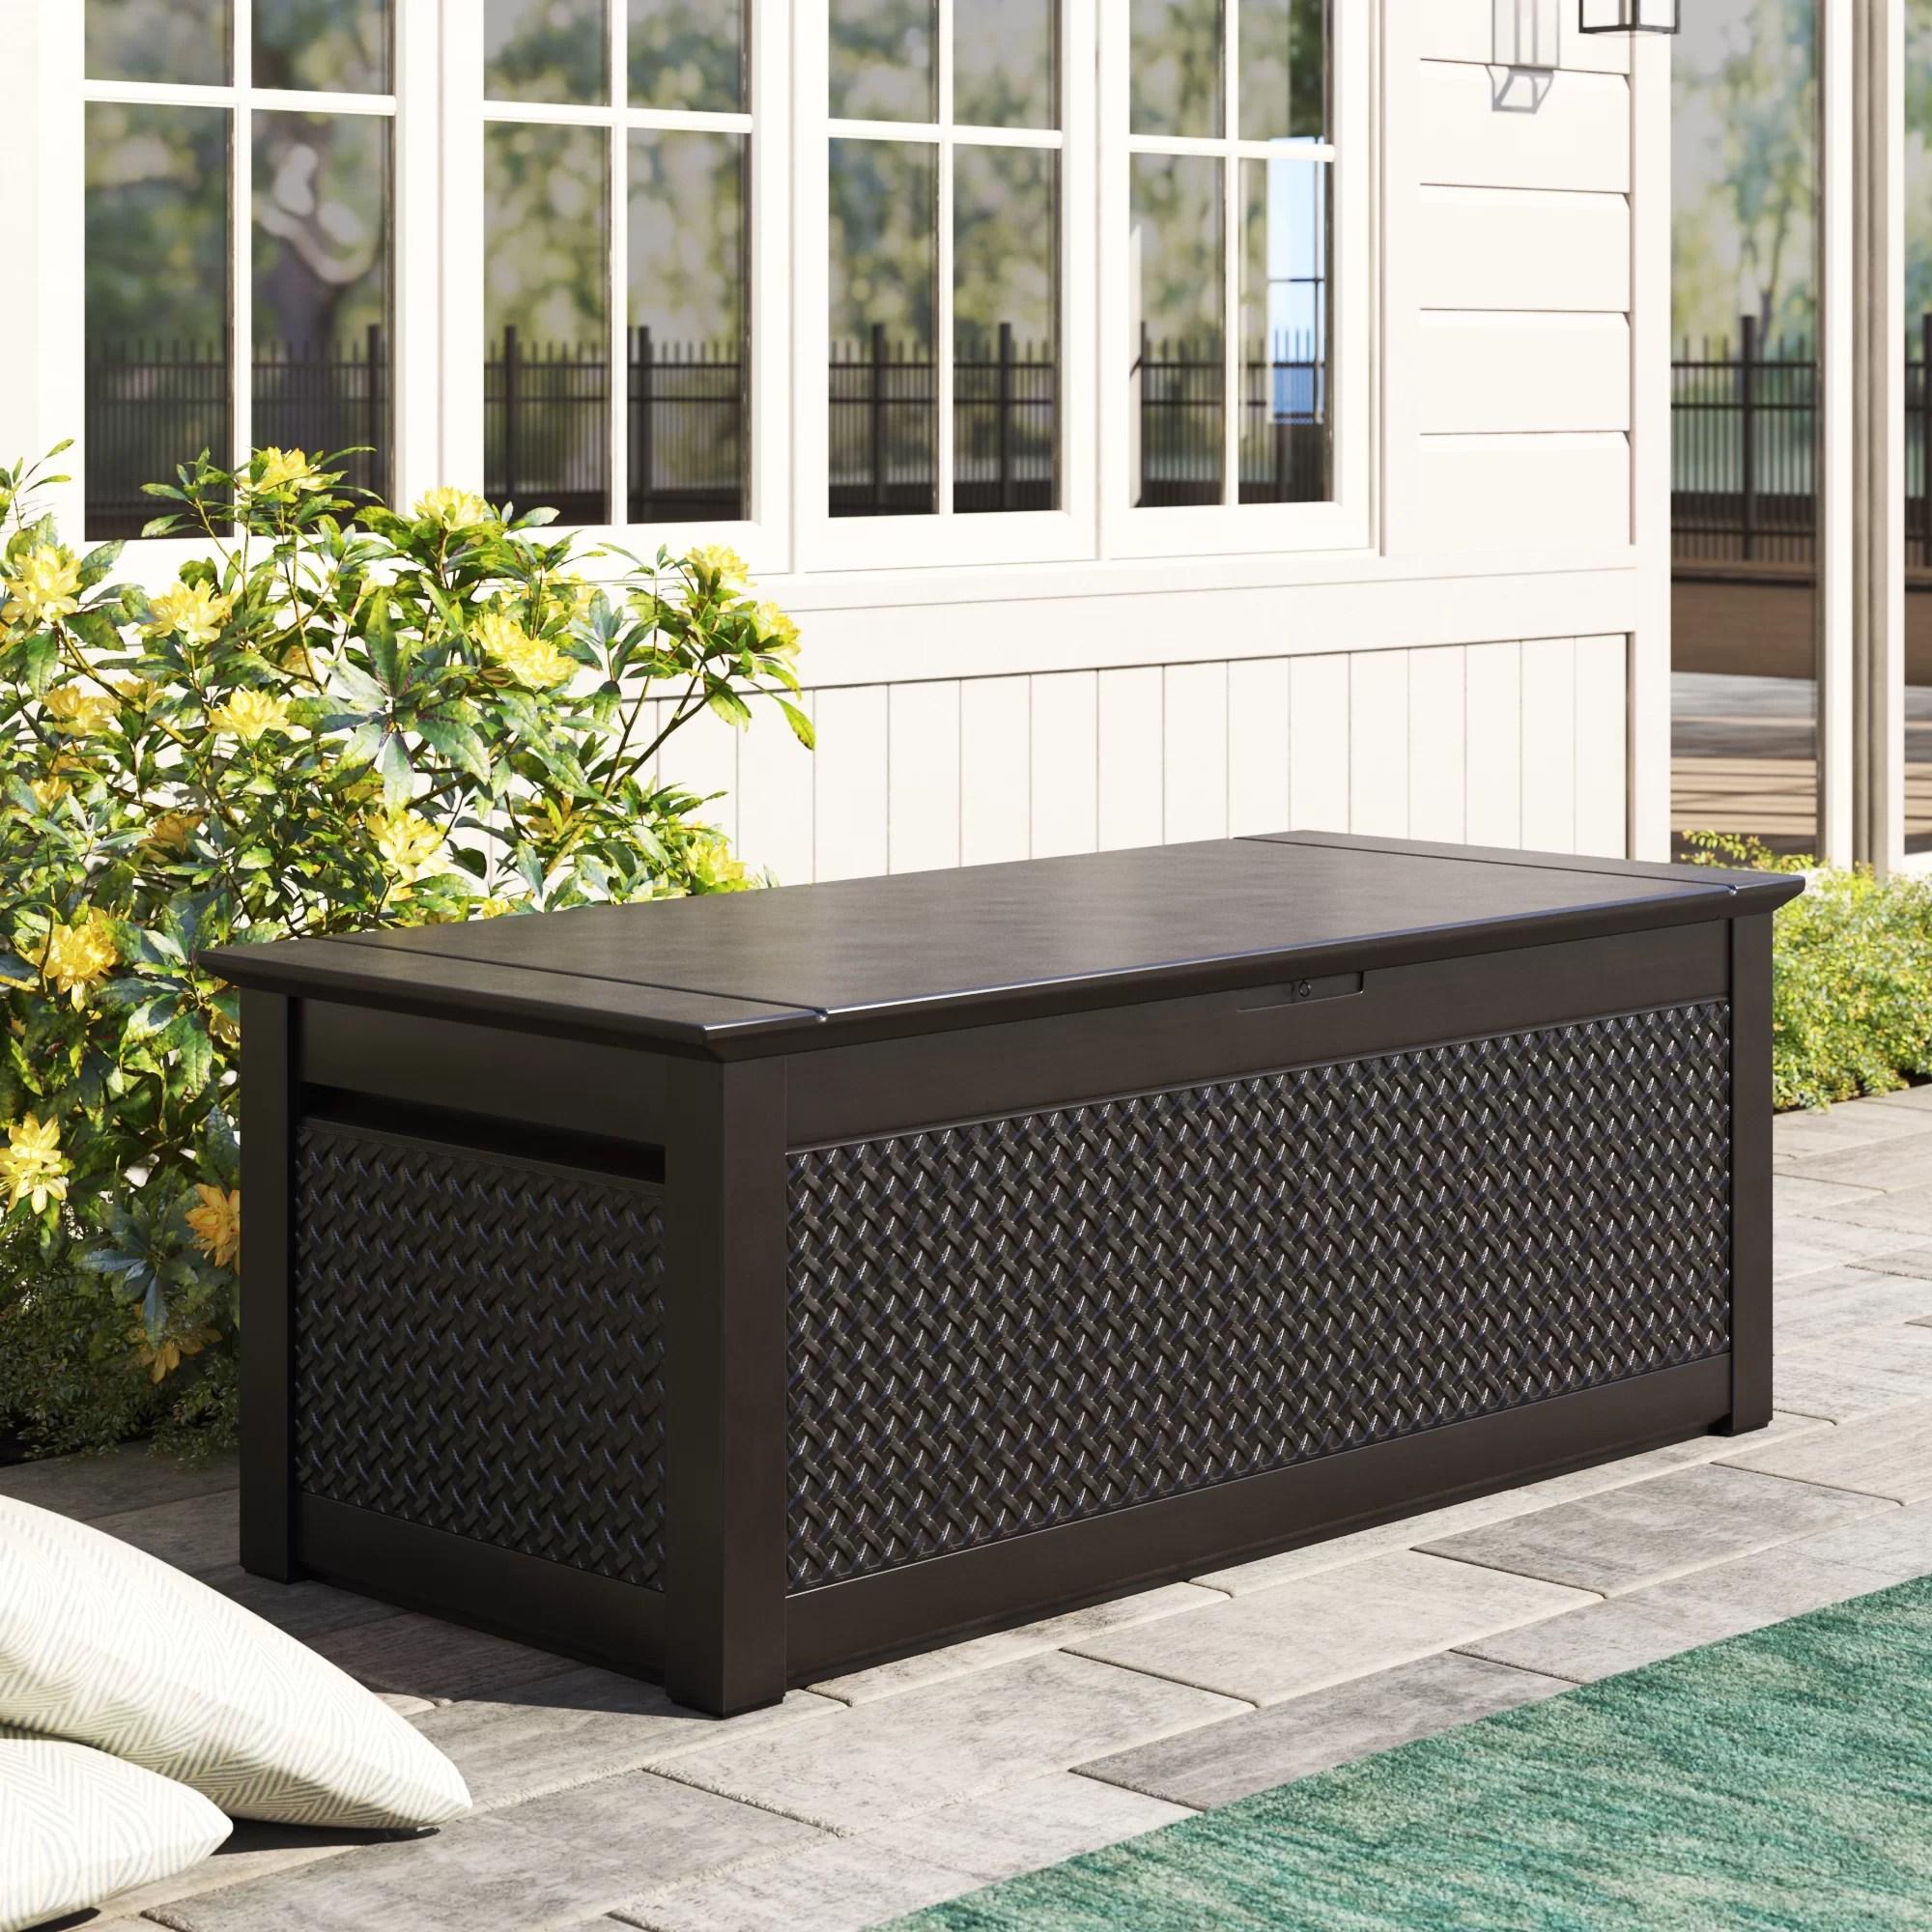 patio chic 136 gallon resin deck box